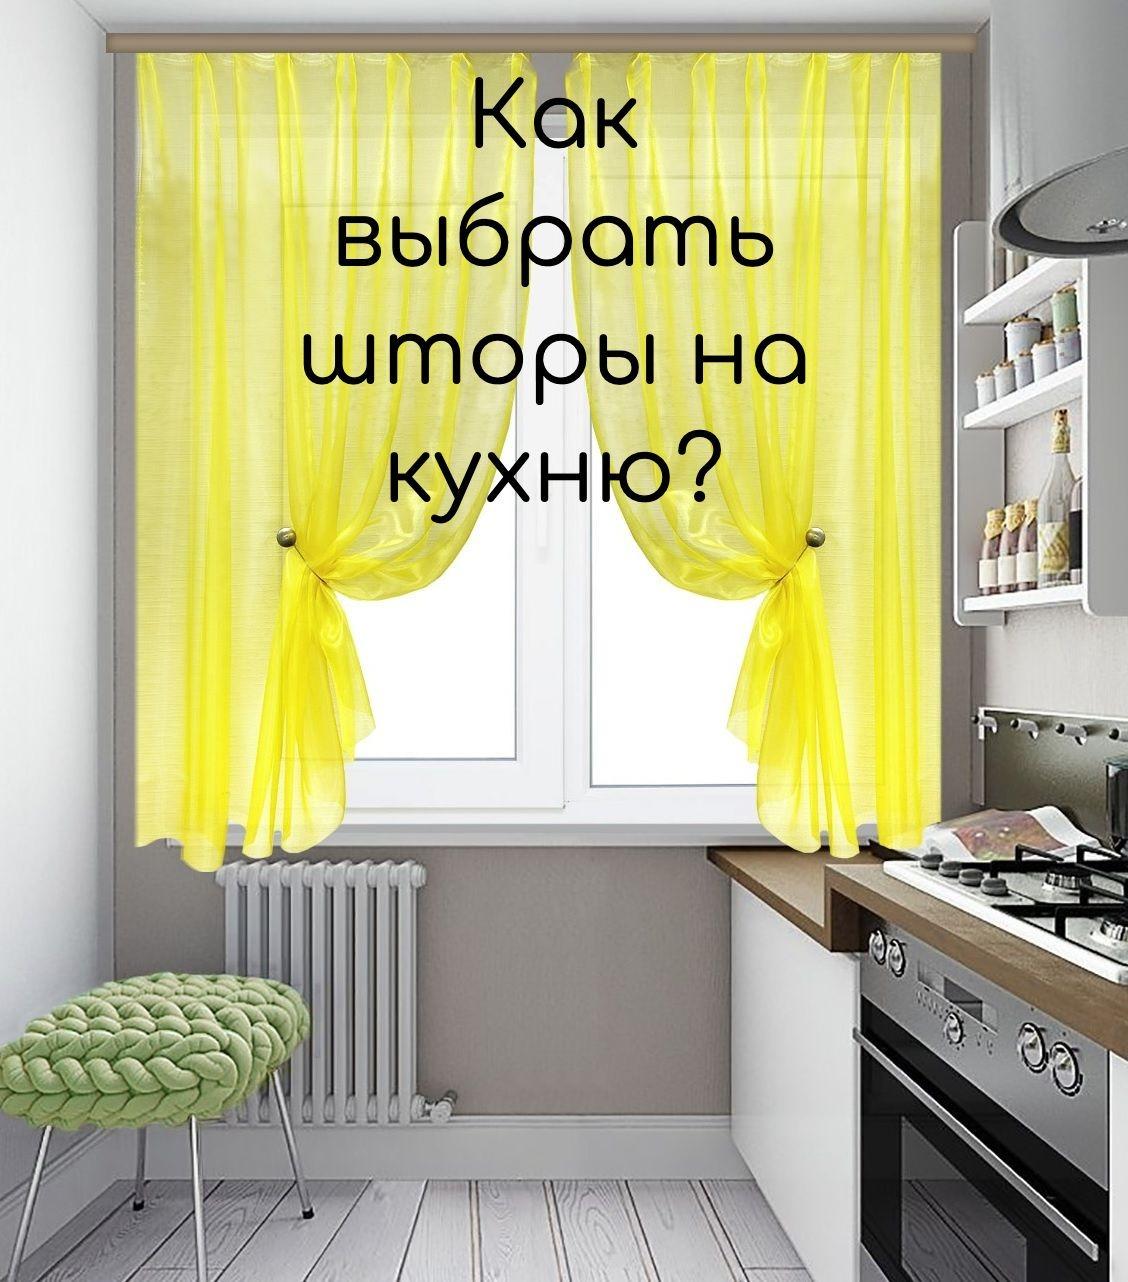 Желтые шторы на кухонном алюминиевом окне. Паркет серого цвета.